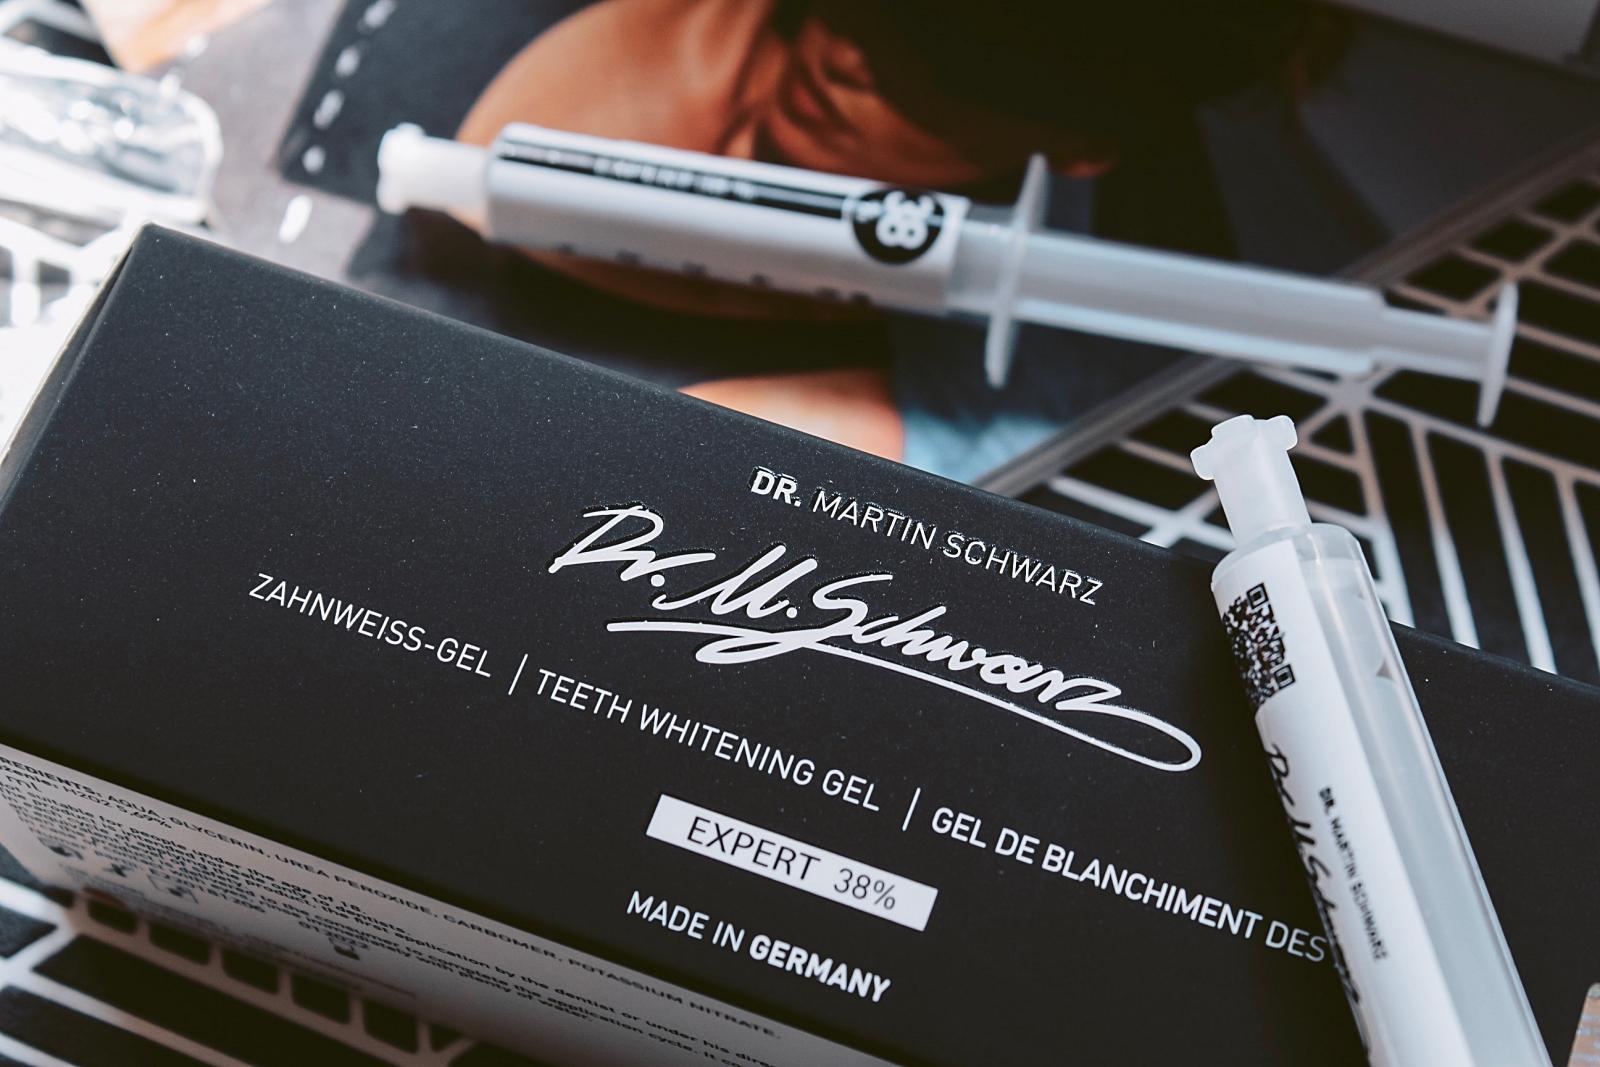 Żel Dr. Martin Schwarz opinie